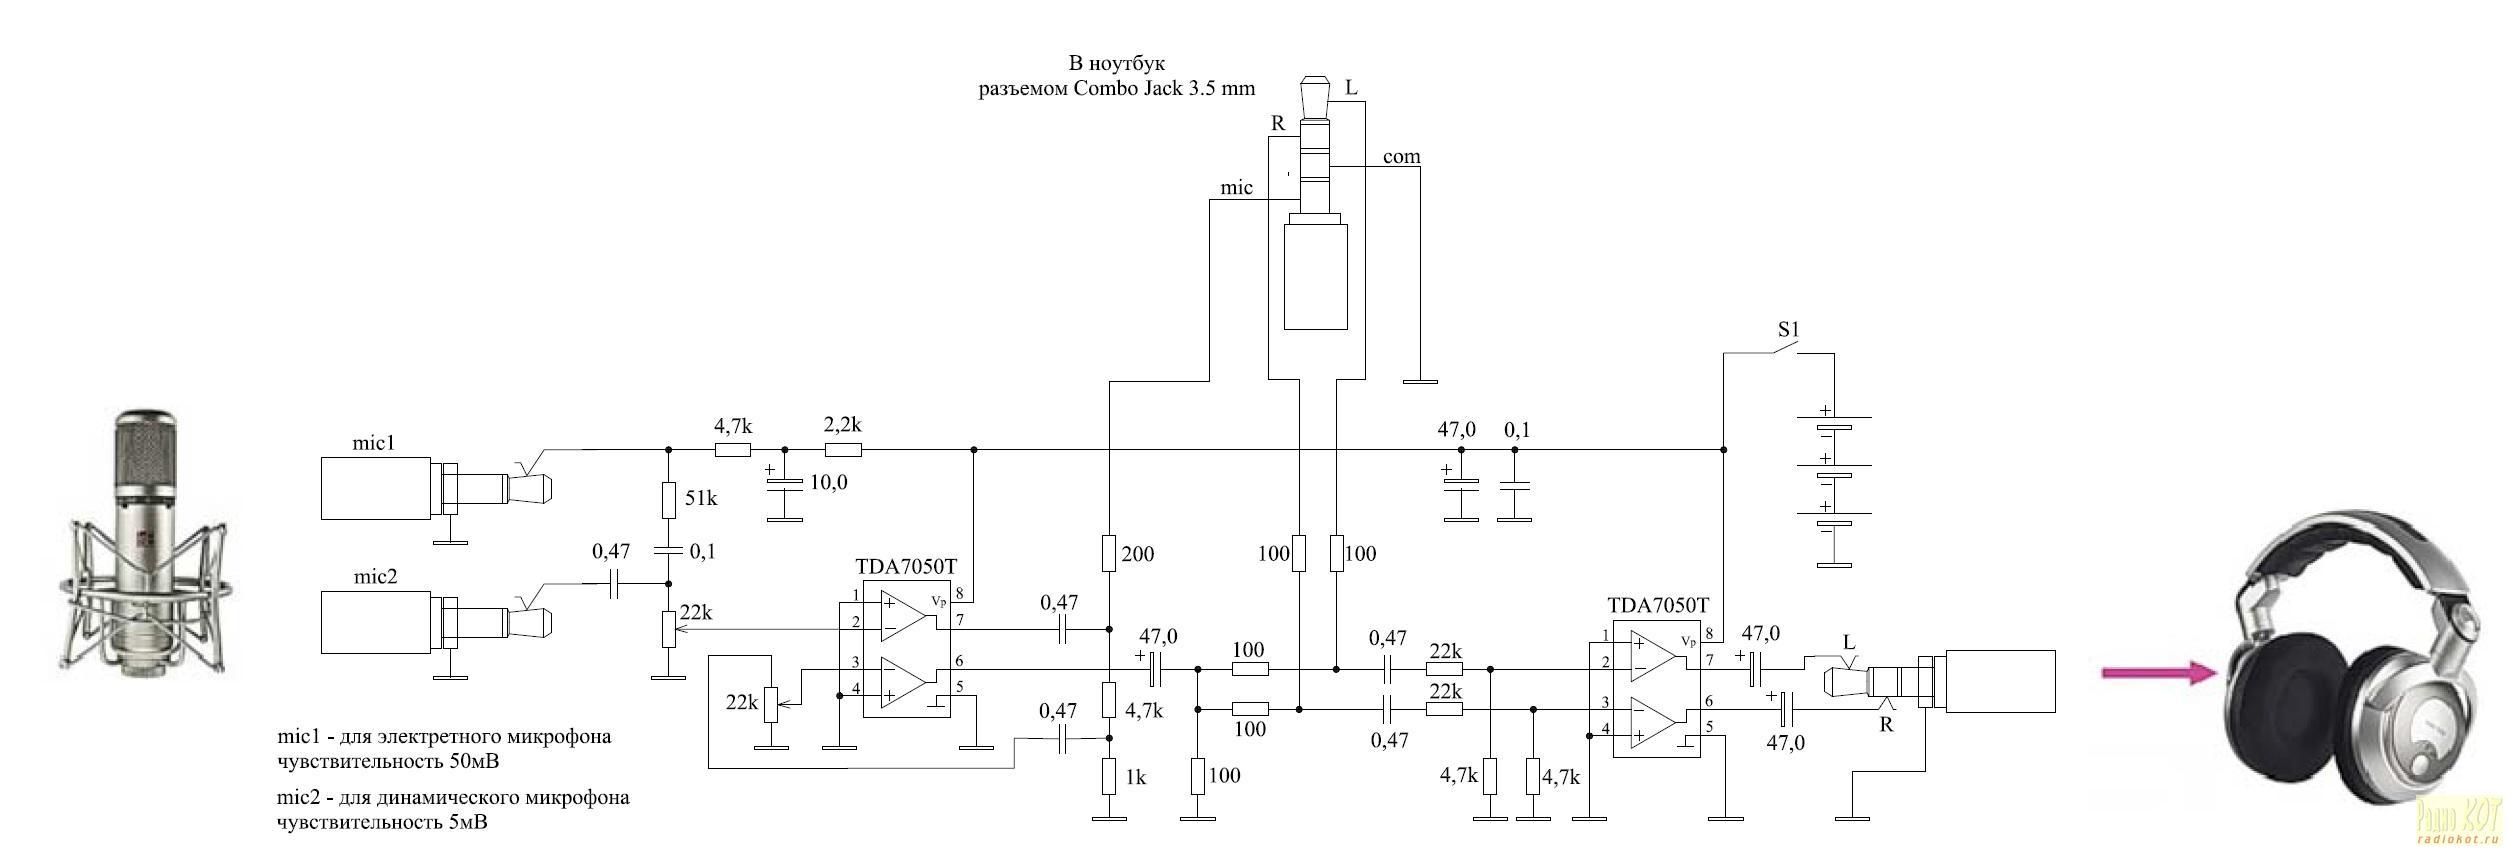 Схема проводов в наушниках с микрофоном фото 335